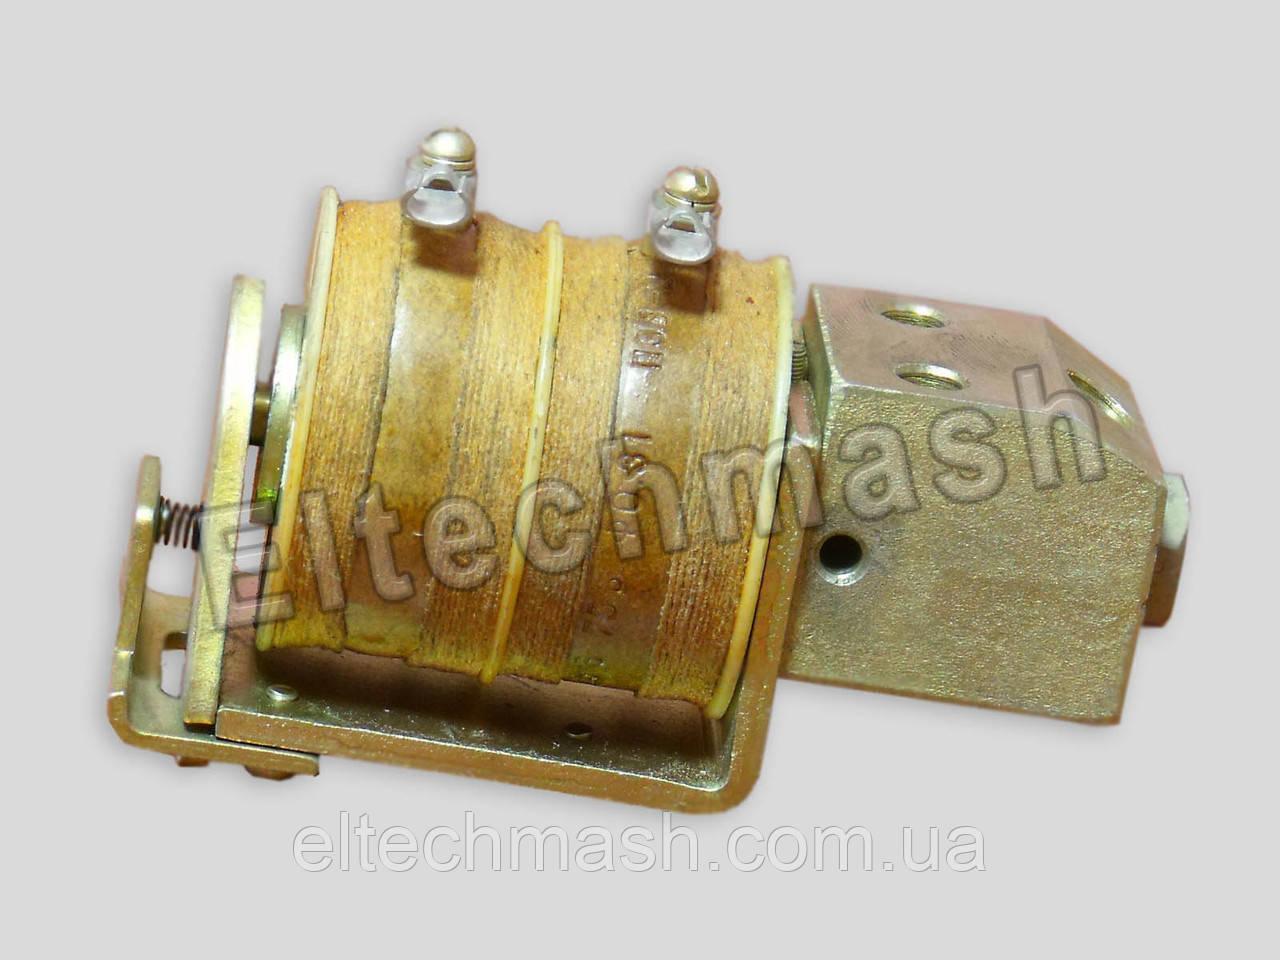 Вентиль електропневматичний ВВ-3 У3 (75В), БИЛТ.677139.003-02 (2ТХ.999.007)